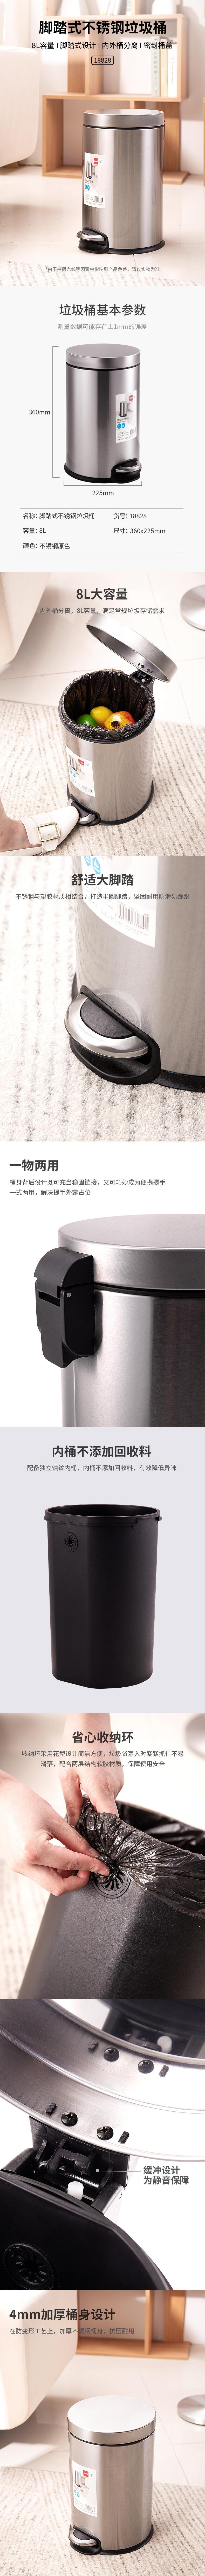 VWIN真人18828脚踏式垃圾桶(本色)(1只/彩盒)